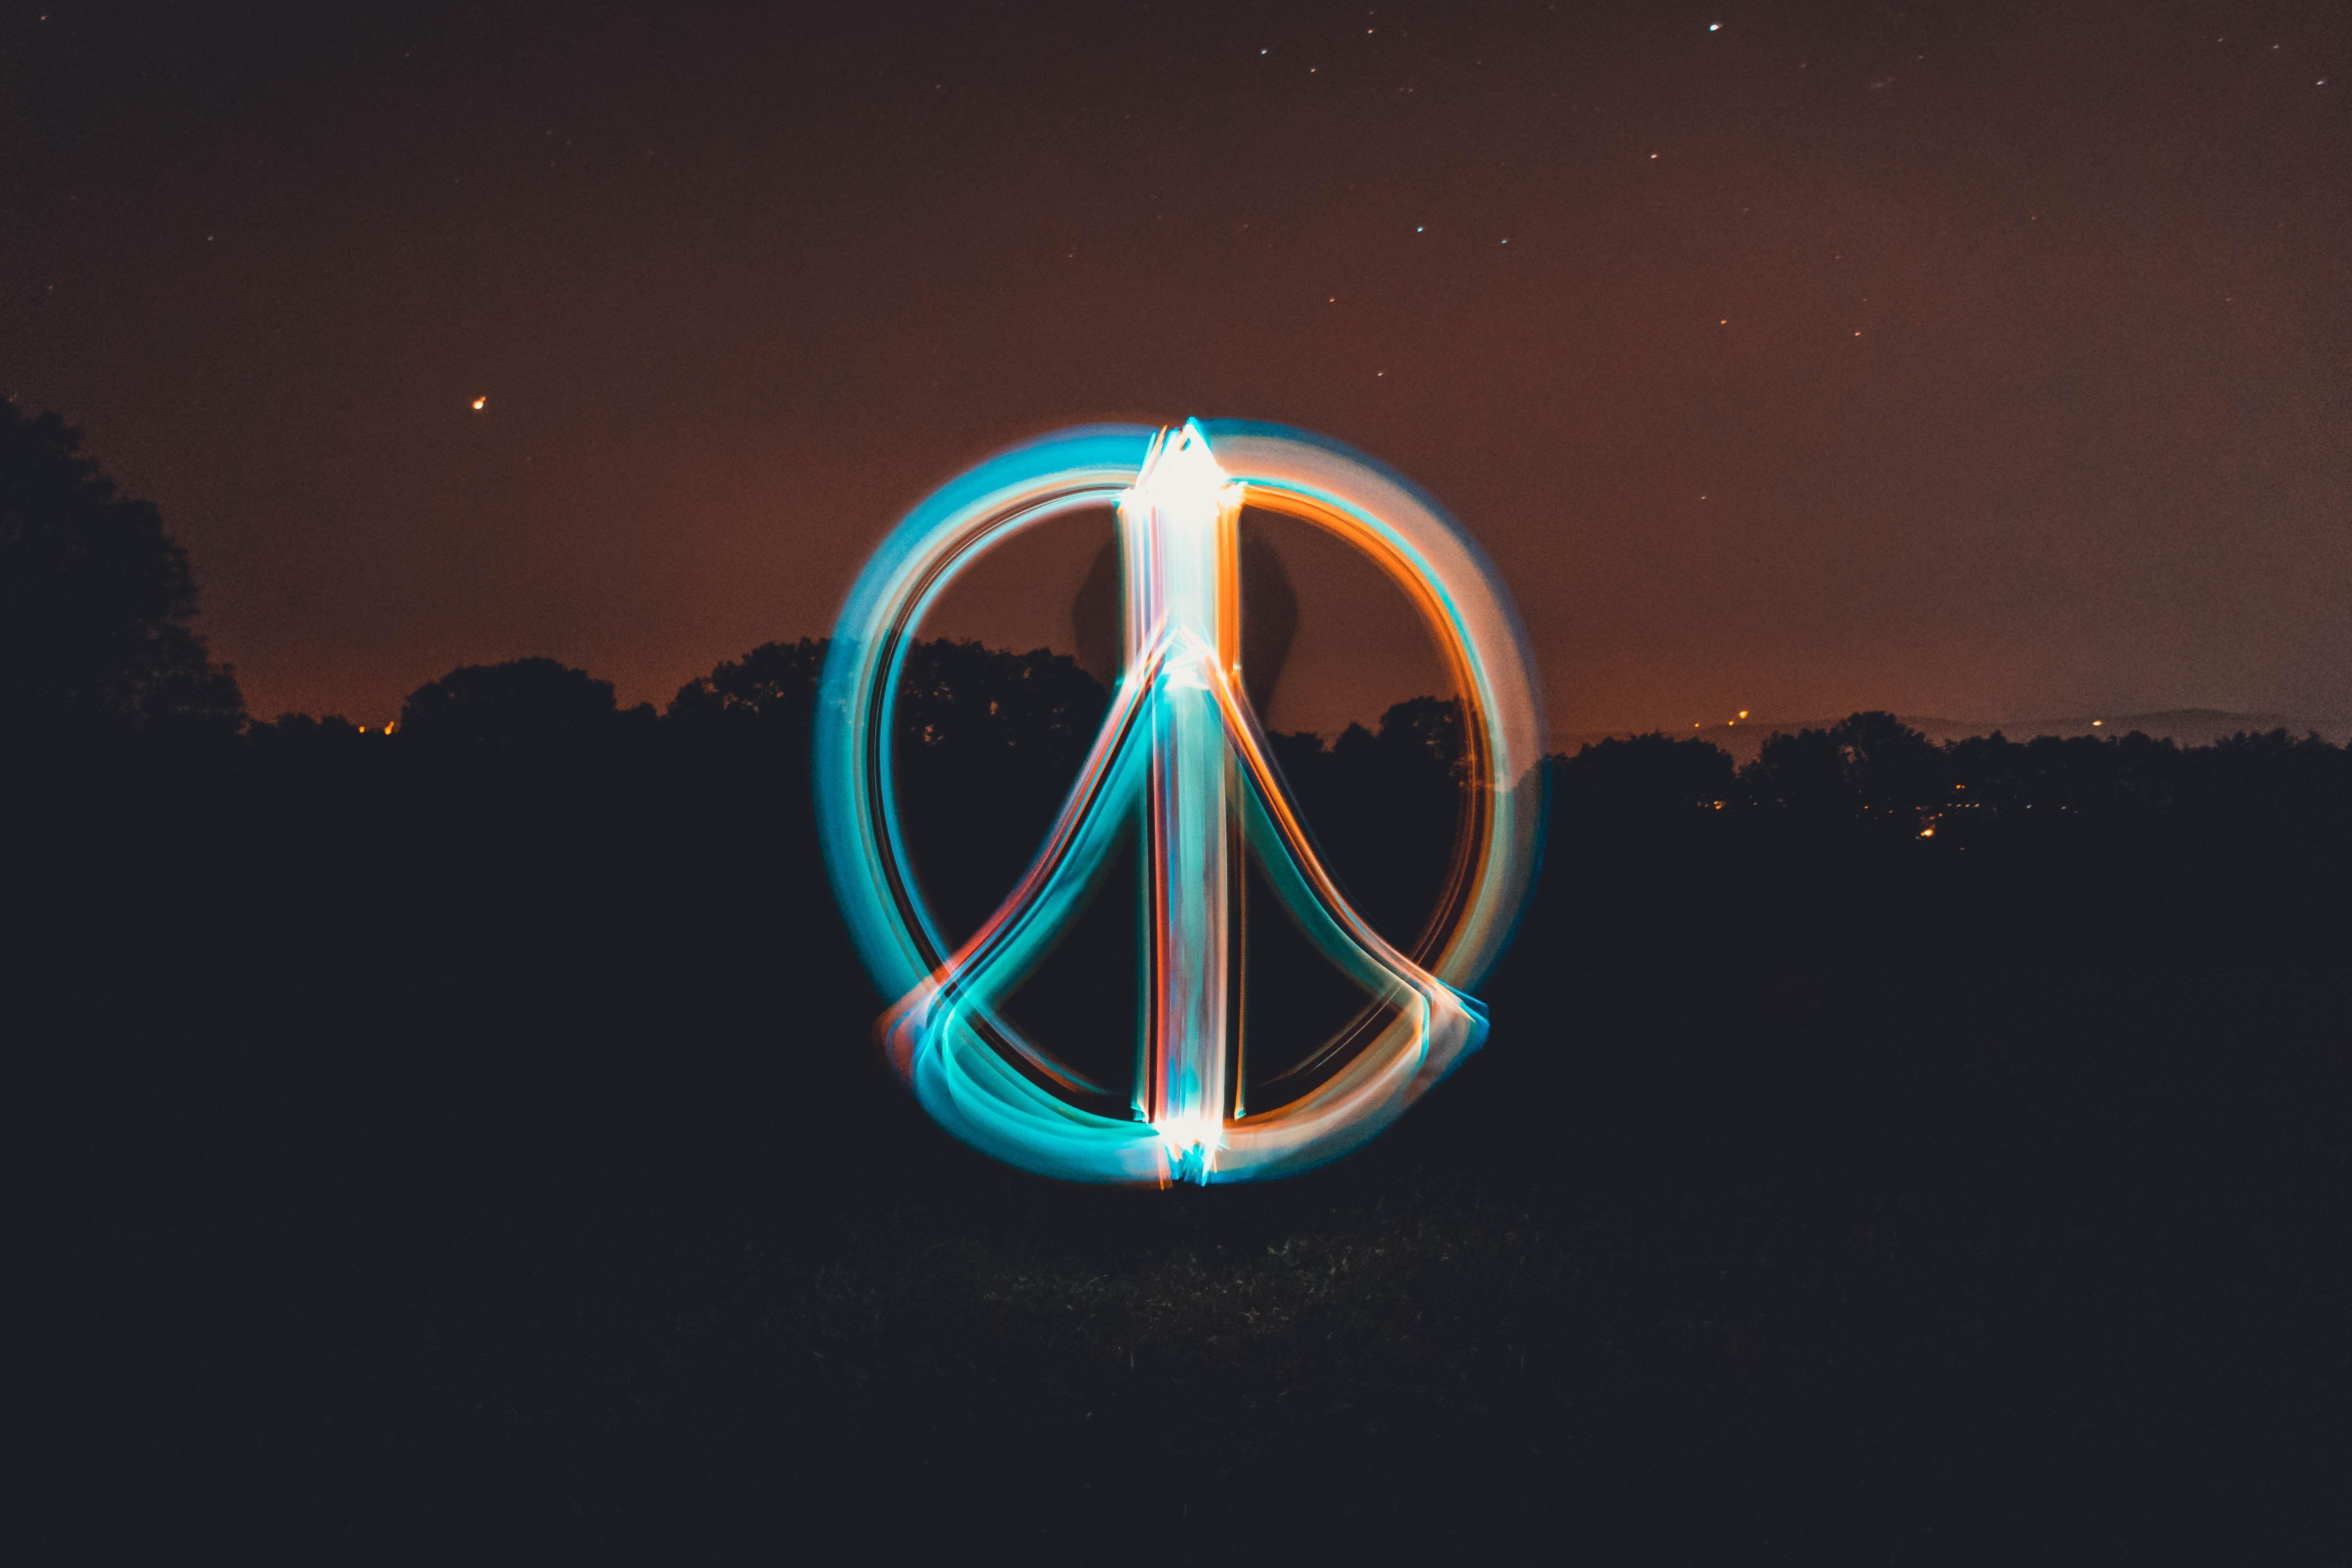 Peace 1Xglbrjt92Q